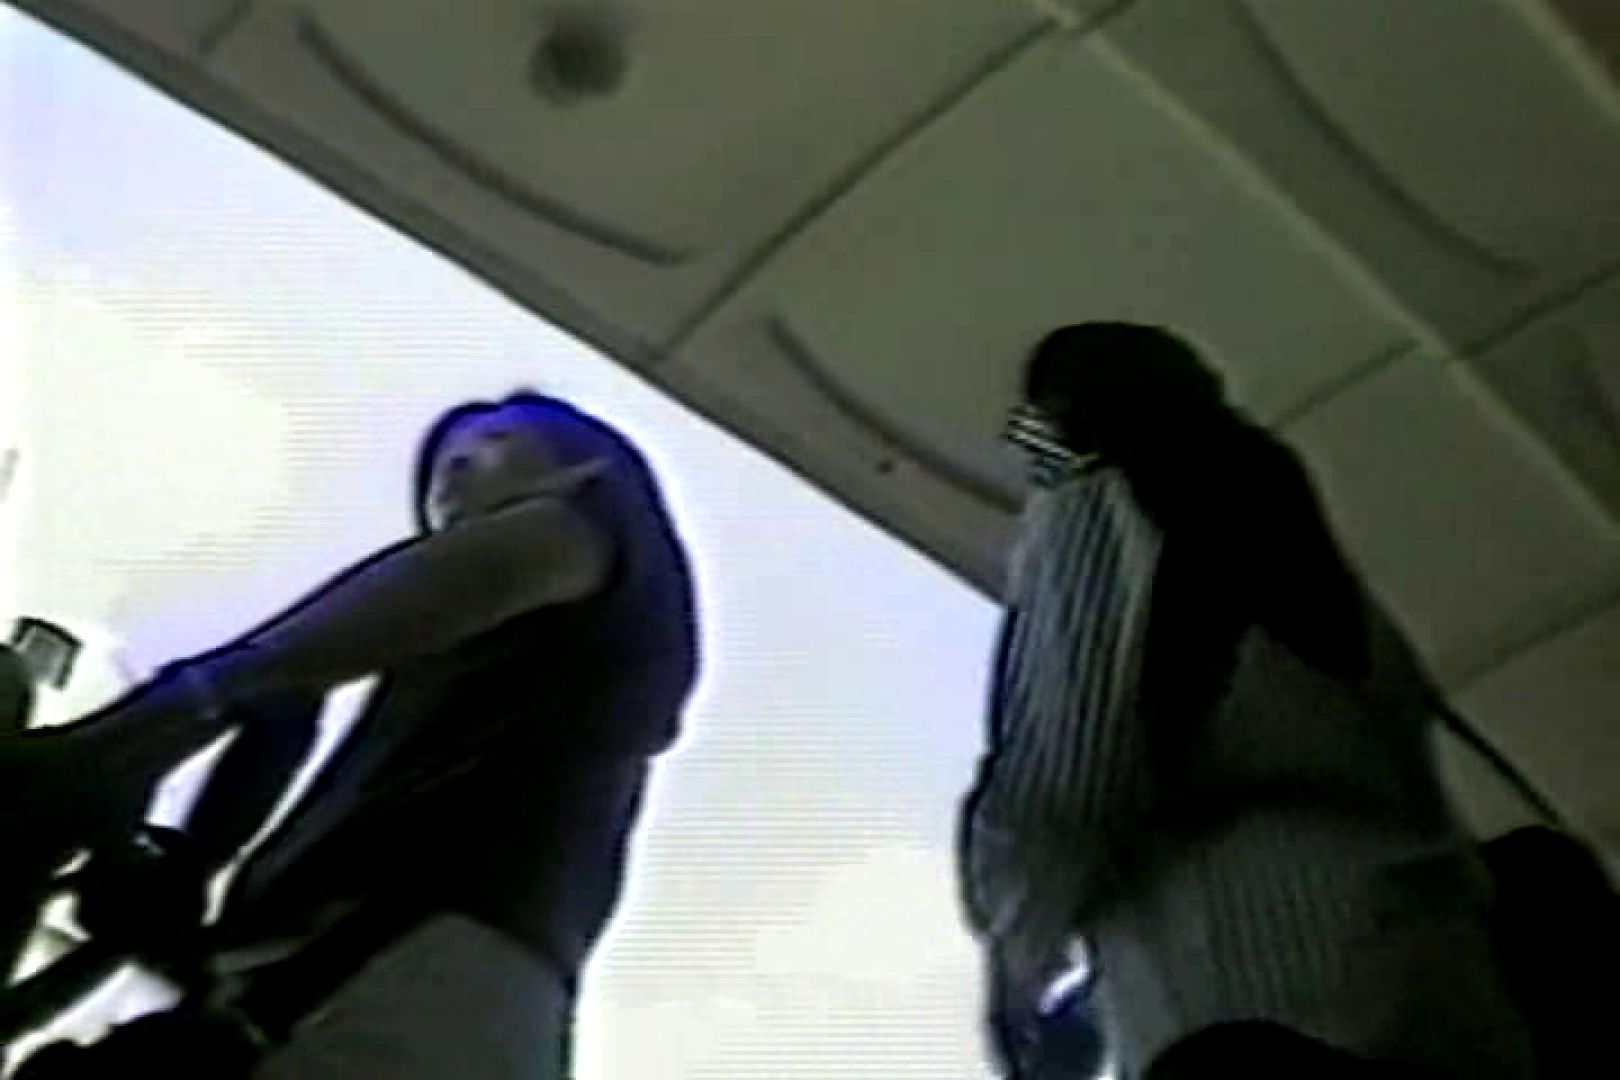 関西発!タツヤのDV直撮り大追跡!!! Vol.10 追跡 | 0  92画像 71